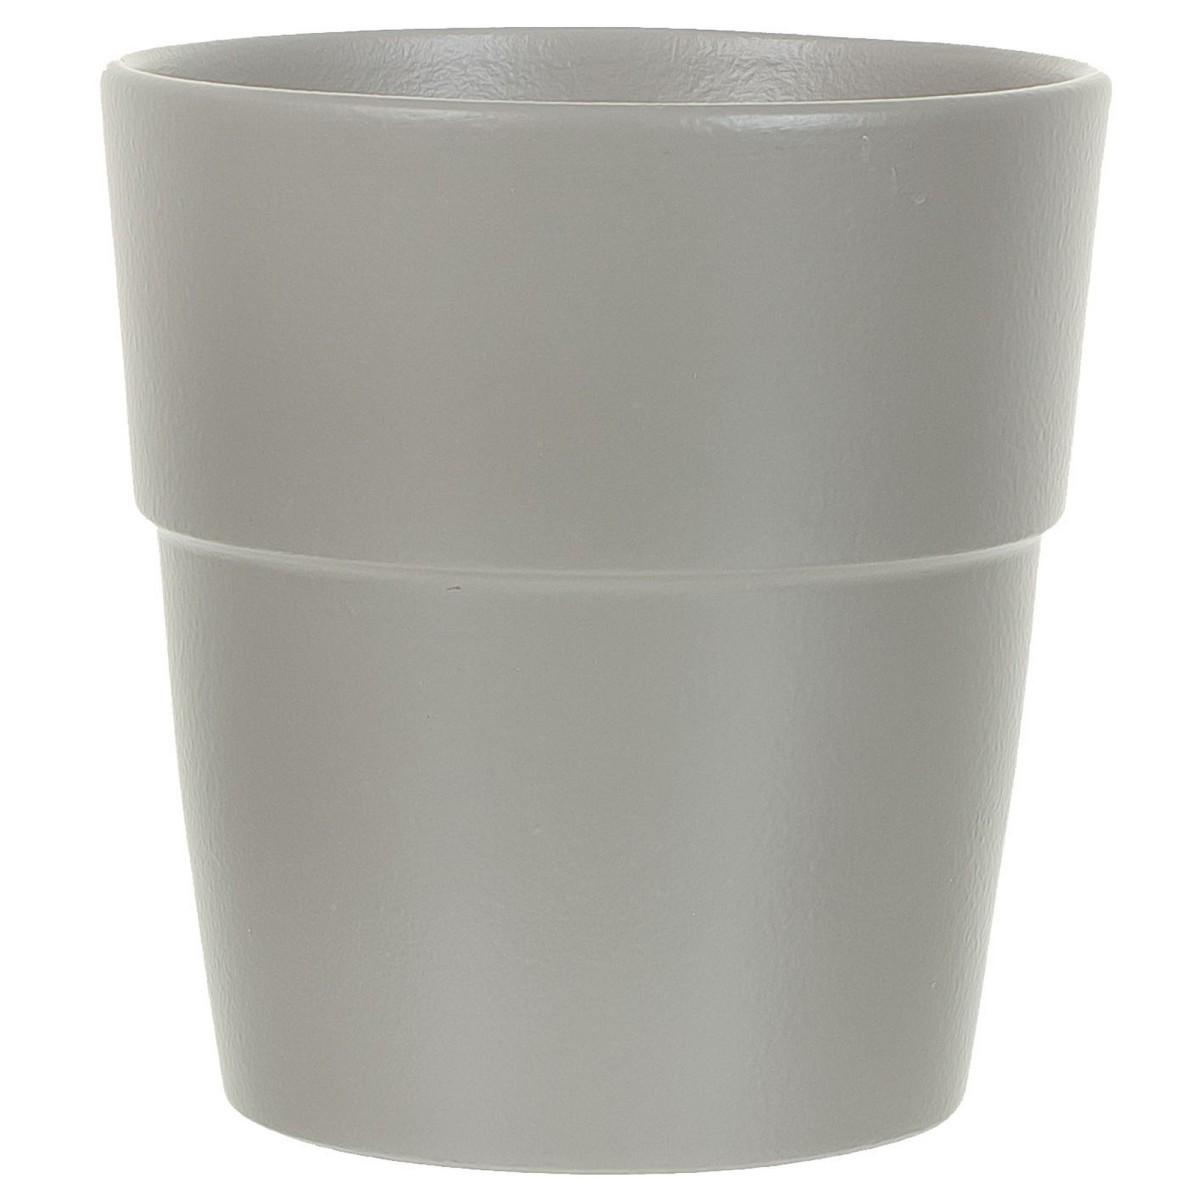 Кашпо цветочное «Грей» D18 2 9л. керамика Серый / Серебристый